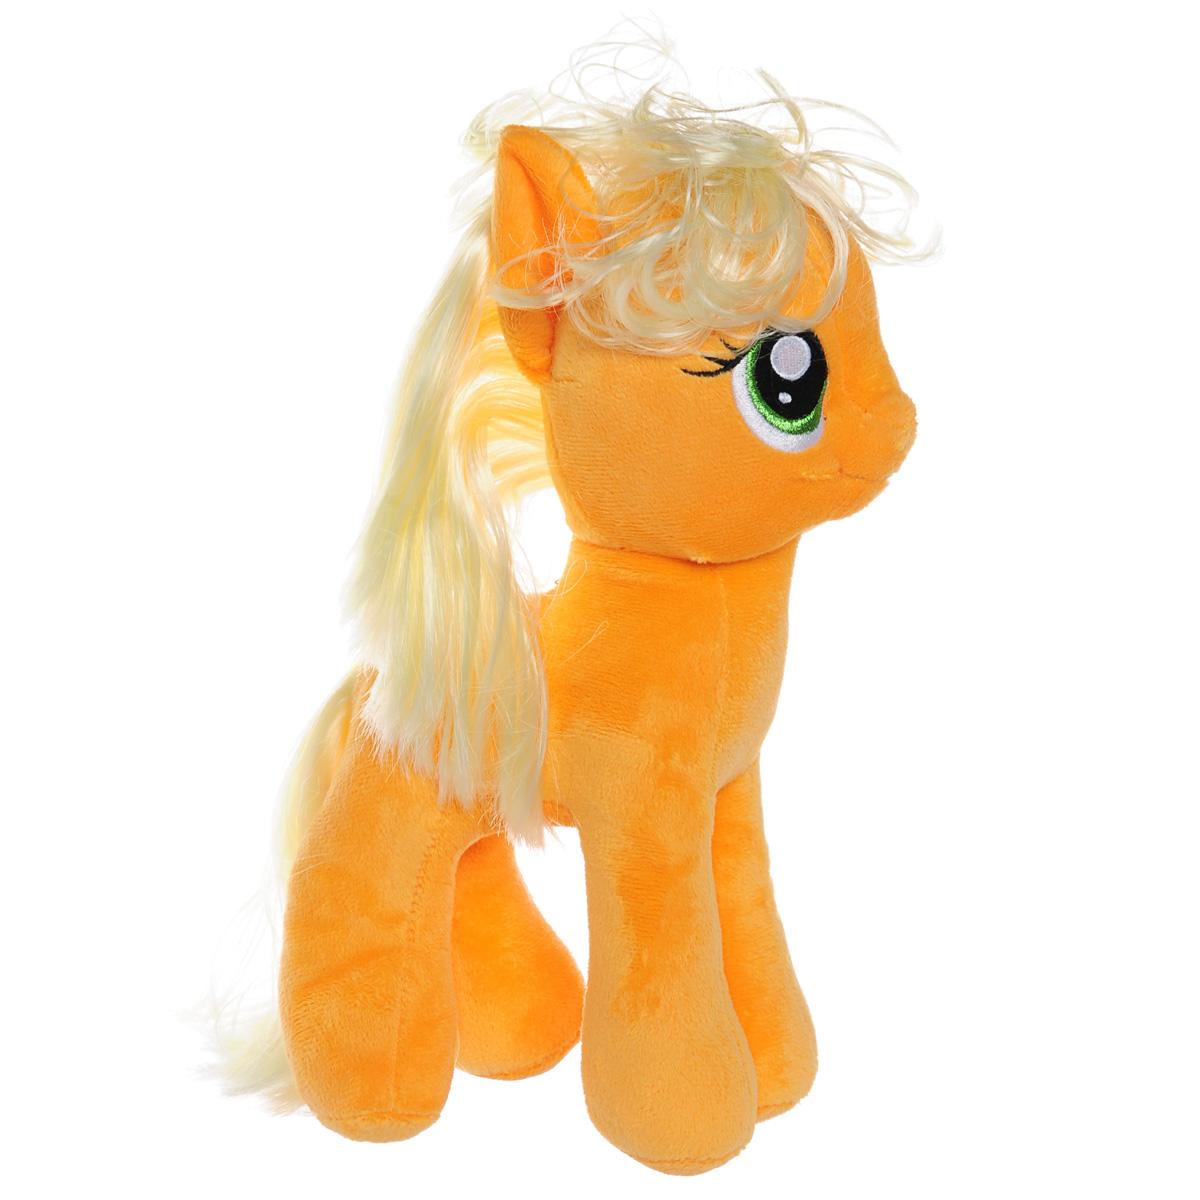 My Little Pony Мягкая игрушка Пони Applejack, 28 см41076Мягкая игрушка Applejack выполнена в виде очаровательной оранжевой пони с длинным хвостом и собранной в хвостик гривой. Игрушка изготовлена из высококачественного текстильного материала с набивкой из синтепона. Грива и хвостик Эпплджек выполнены из мягкого текстиля, их можно заплетать и расчесывать. Игрушка имеет специальные уплотнения в ногах, что позволяет ей стоять самостоятельно, без опоры. Как и все игрушки серии Beanie Buddy, она изготовлена вручную, с любовью и вниманием к деталям. Эппджек - задорная пони, которая работает на ферме Сладкое яблоко вместе со старшим братом и младшей сестренкой. Эпплджек - добрая, честная и прямодушная, хоть иногда и бывает немного упрямой. На Эпплджек всегда можно положиться, ведь она самый настоящий друг - верный, надежный и отзывчивый! Удивительно мягкая игрушка принесет радость и подарит своему обладателю мгновения нежных объятий и приятных воспоминаний. Специальные гранулы, используемые при ее набивке, способствуют...